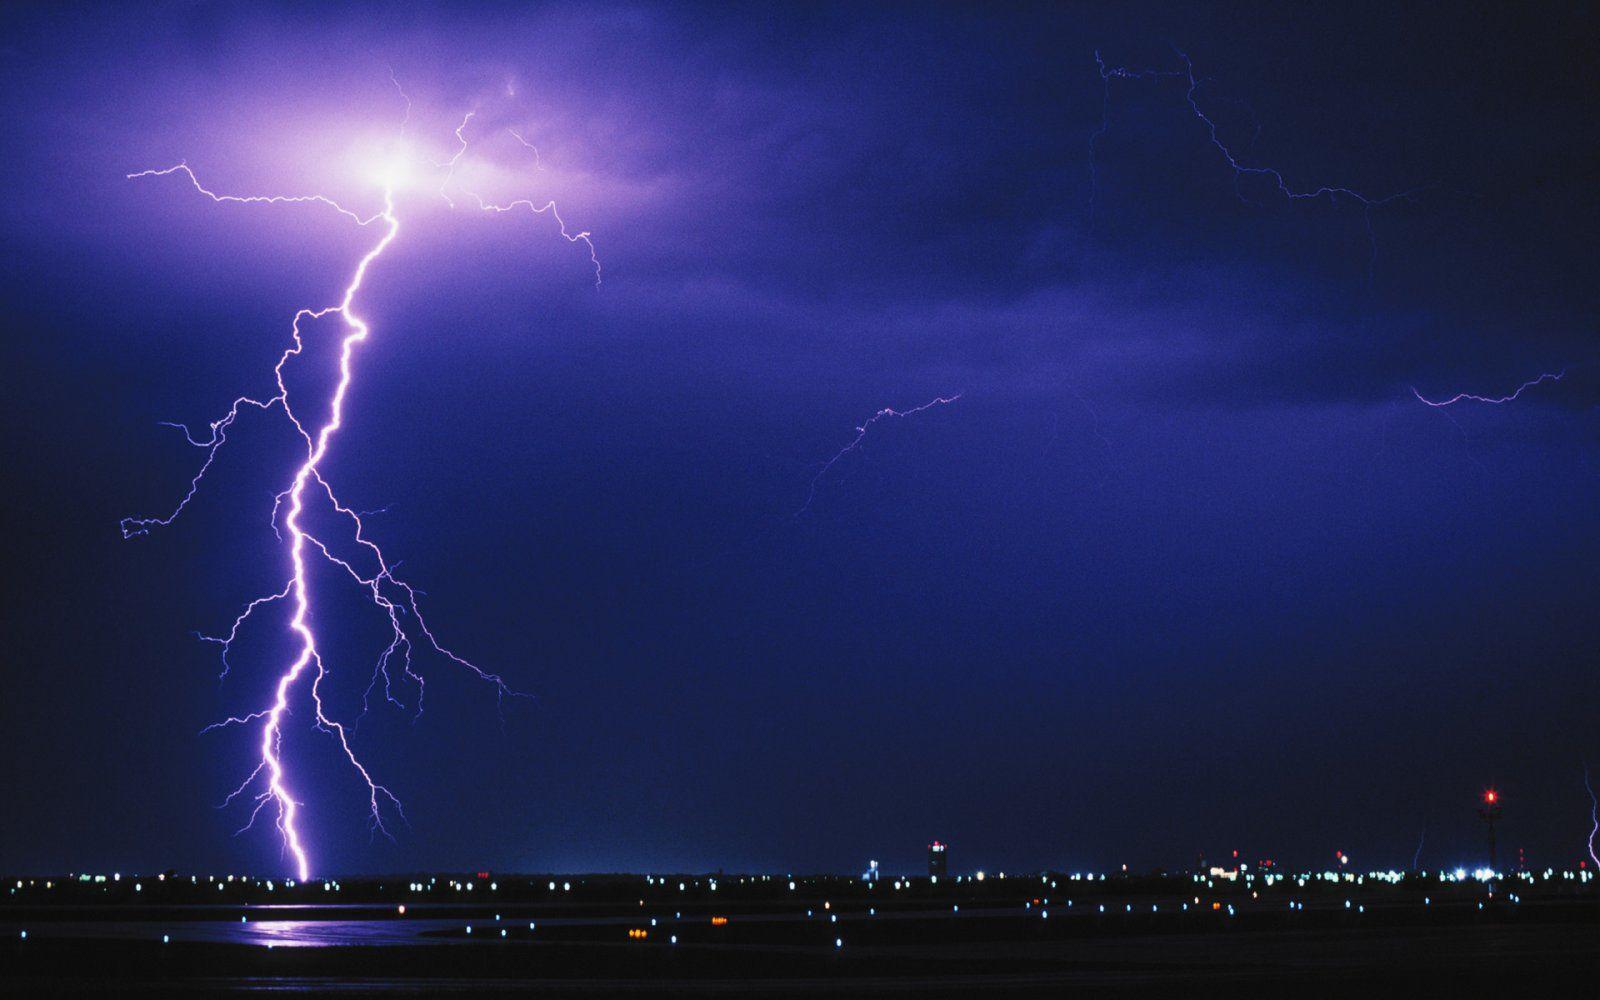 I уровень опасности: в Киеве ожидается резкое ухудшение погоды